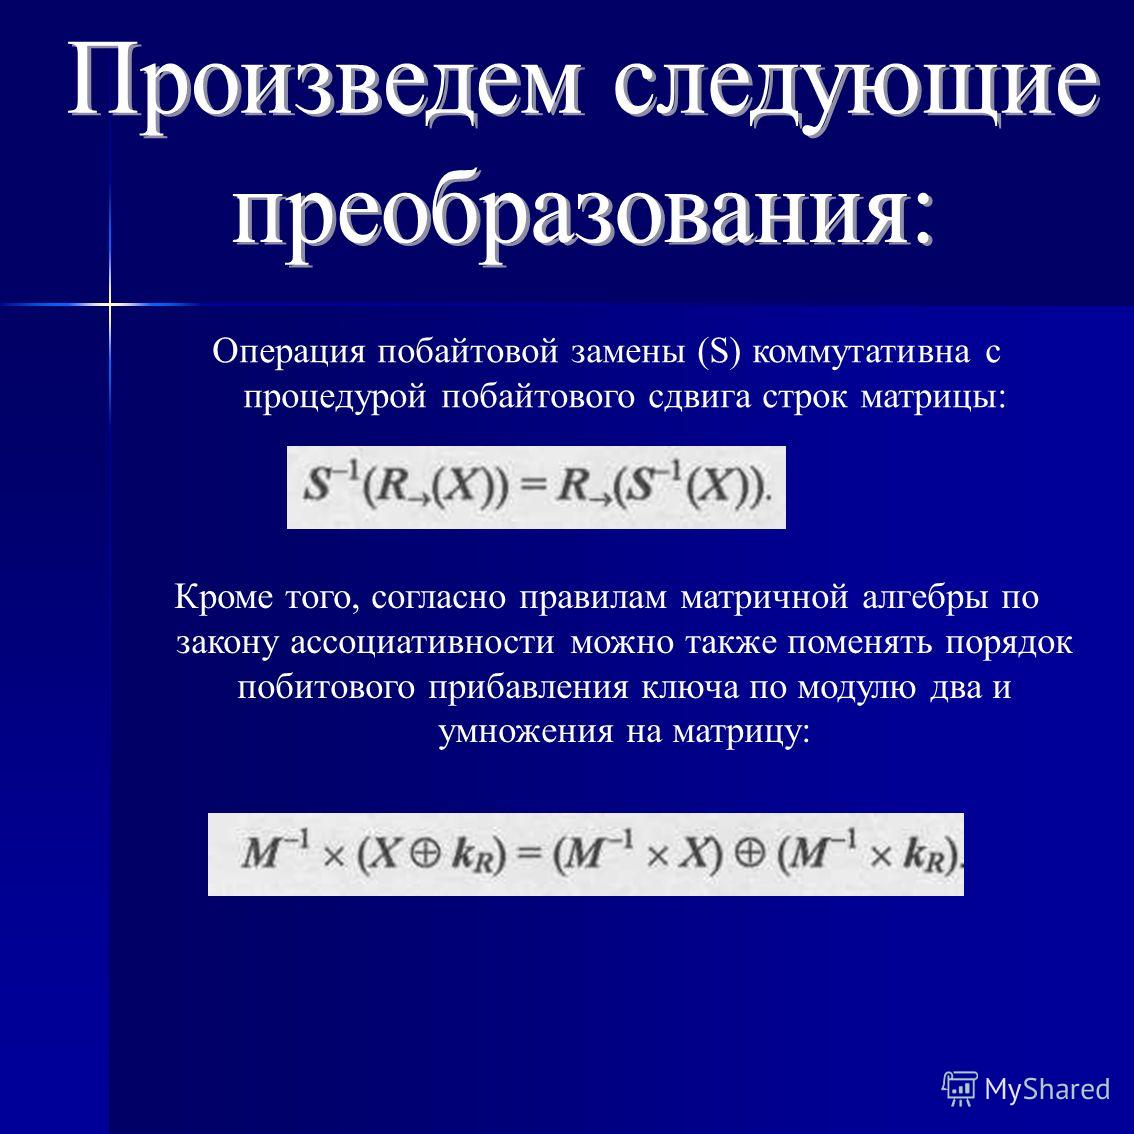 Операция побайтовой замены (S) коммутативна с процедурой побайтового сдвига строк матрицы: Кроме того, согласно правилам матричной алгебры по закону ассоциативности можно также поменять порядок побитового прибавления ключа по модулю два и умножения н